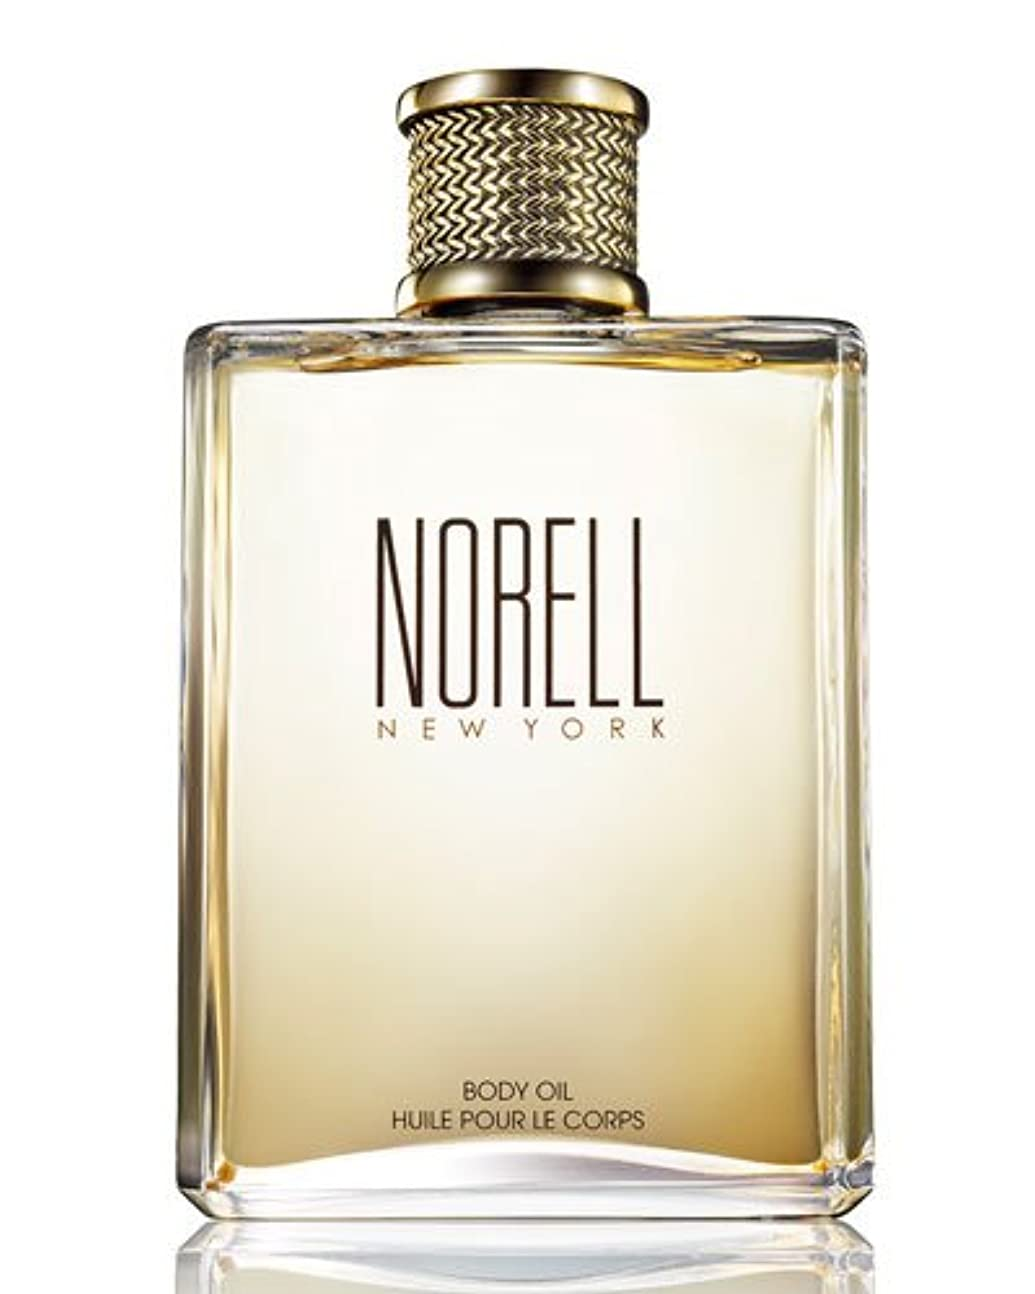 ブロックする上下するリップNorell (ノレル) 8.0 oz (240ml) Body Oil by Norell New York